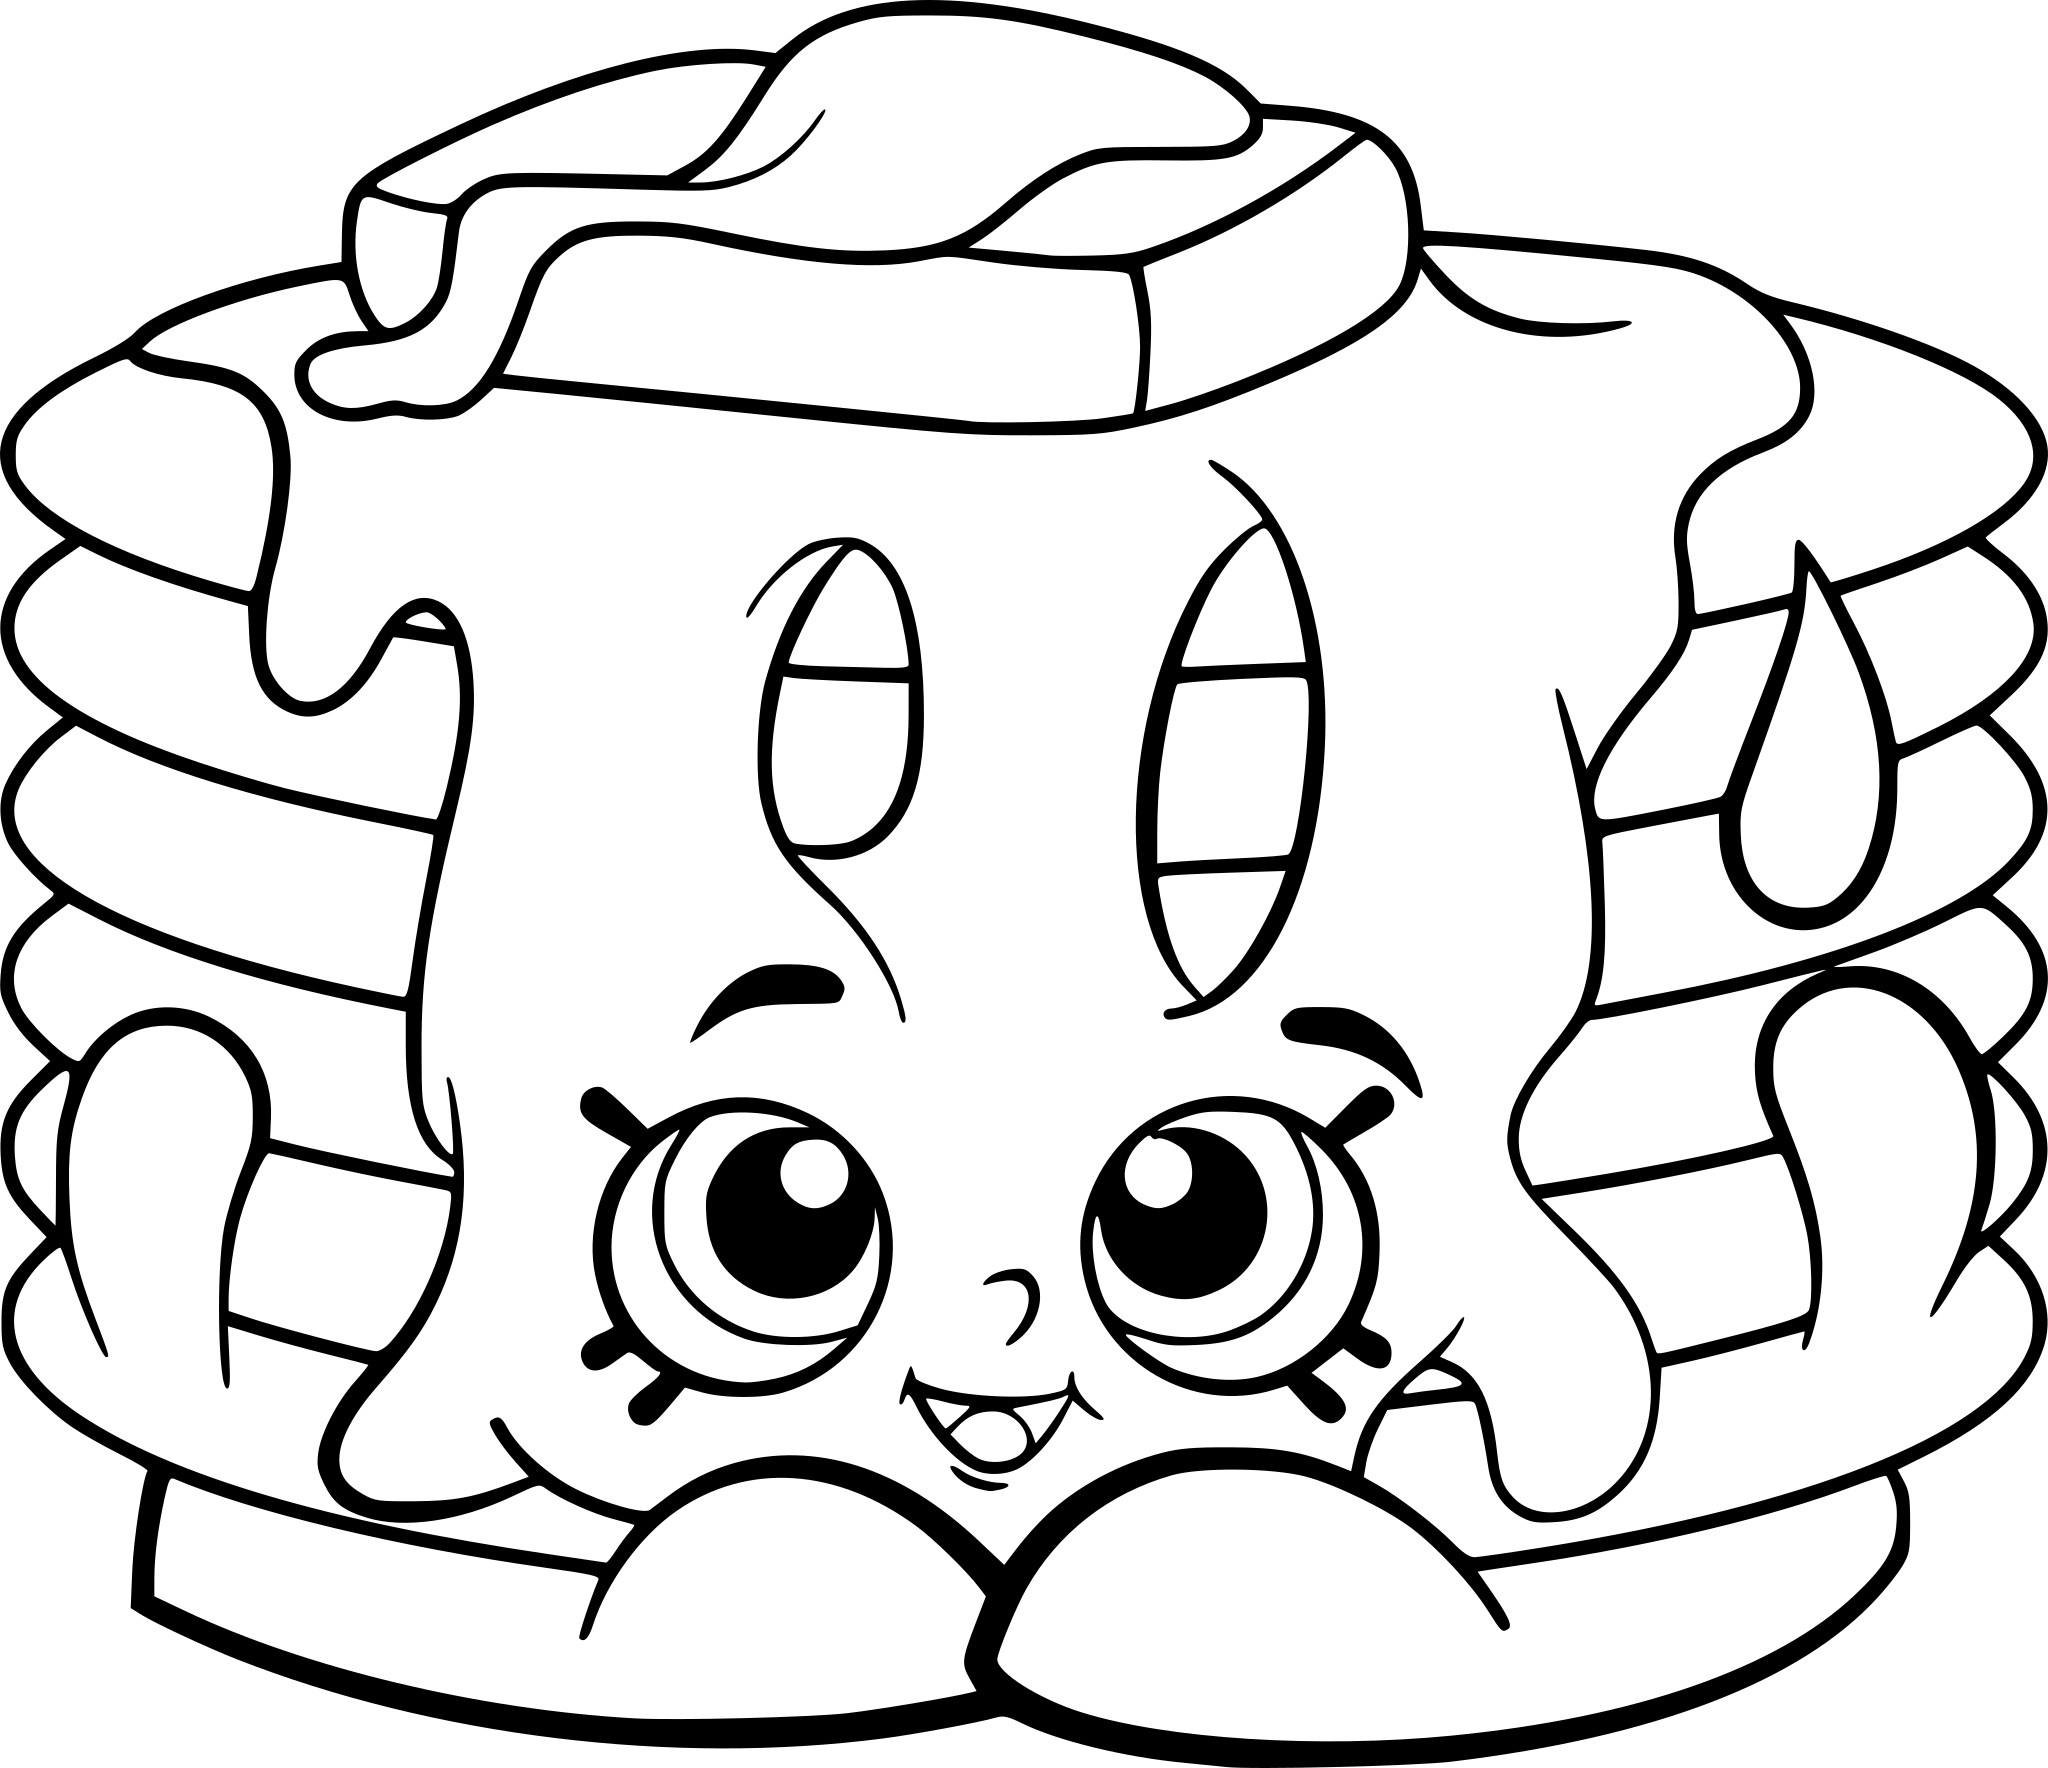 Coloriage Shopkins Pancake A Imprimer Gratuit